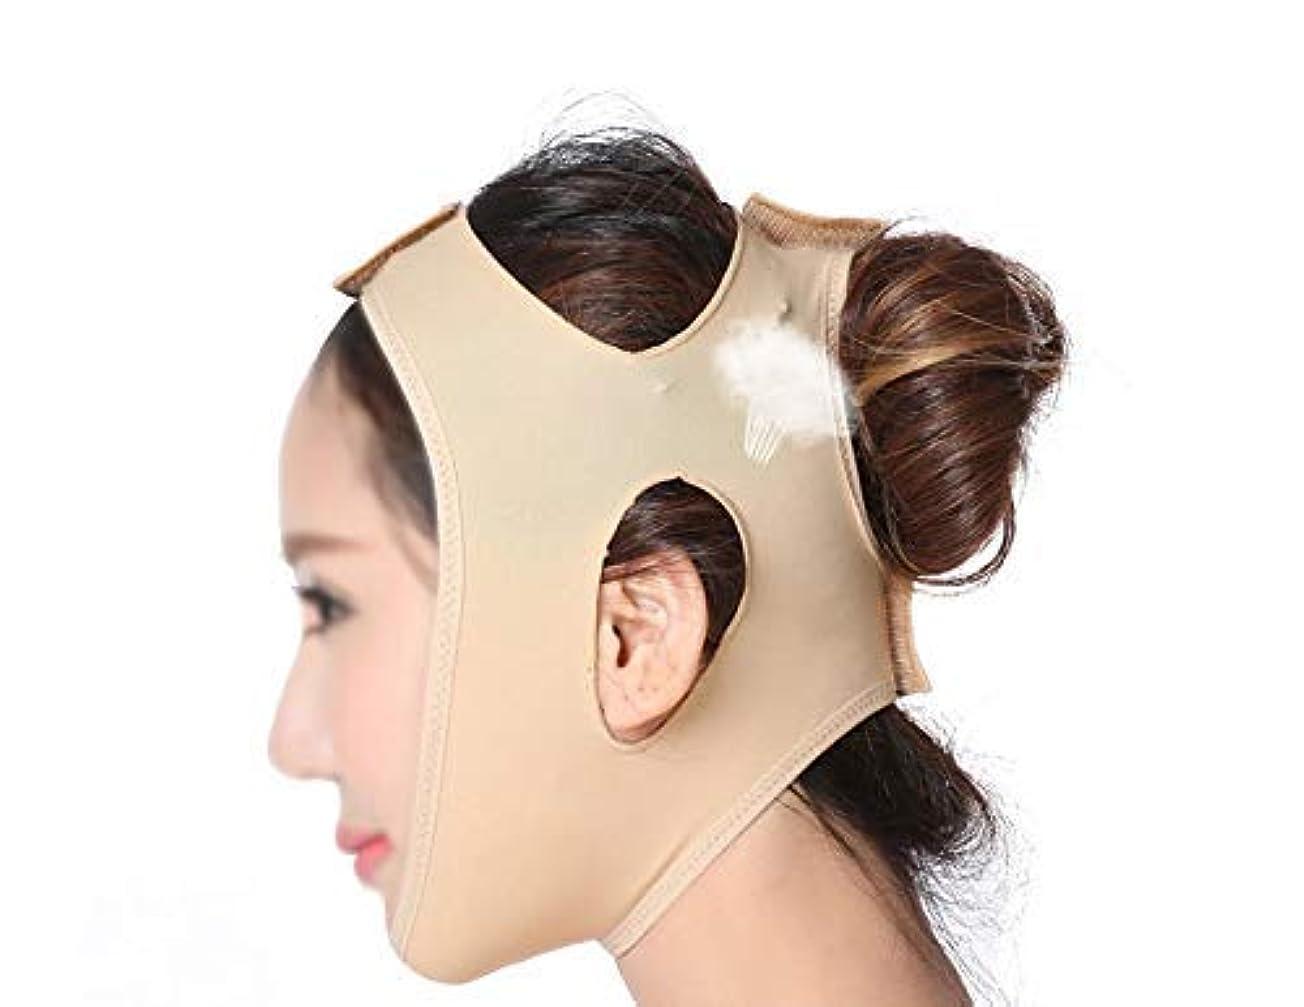 盟主アシュリータファーマン音引き締めフェイスマスク、フェイシャルマスク睡眠薄型フェイス包帯薄型フェイスマスクフェイスリフティングフェイスメロンフェイスVフェイスリフティング引き締めダブルチン美容ツール(サイズ:XL)